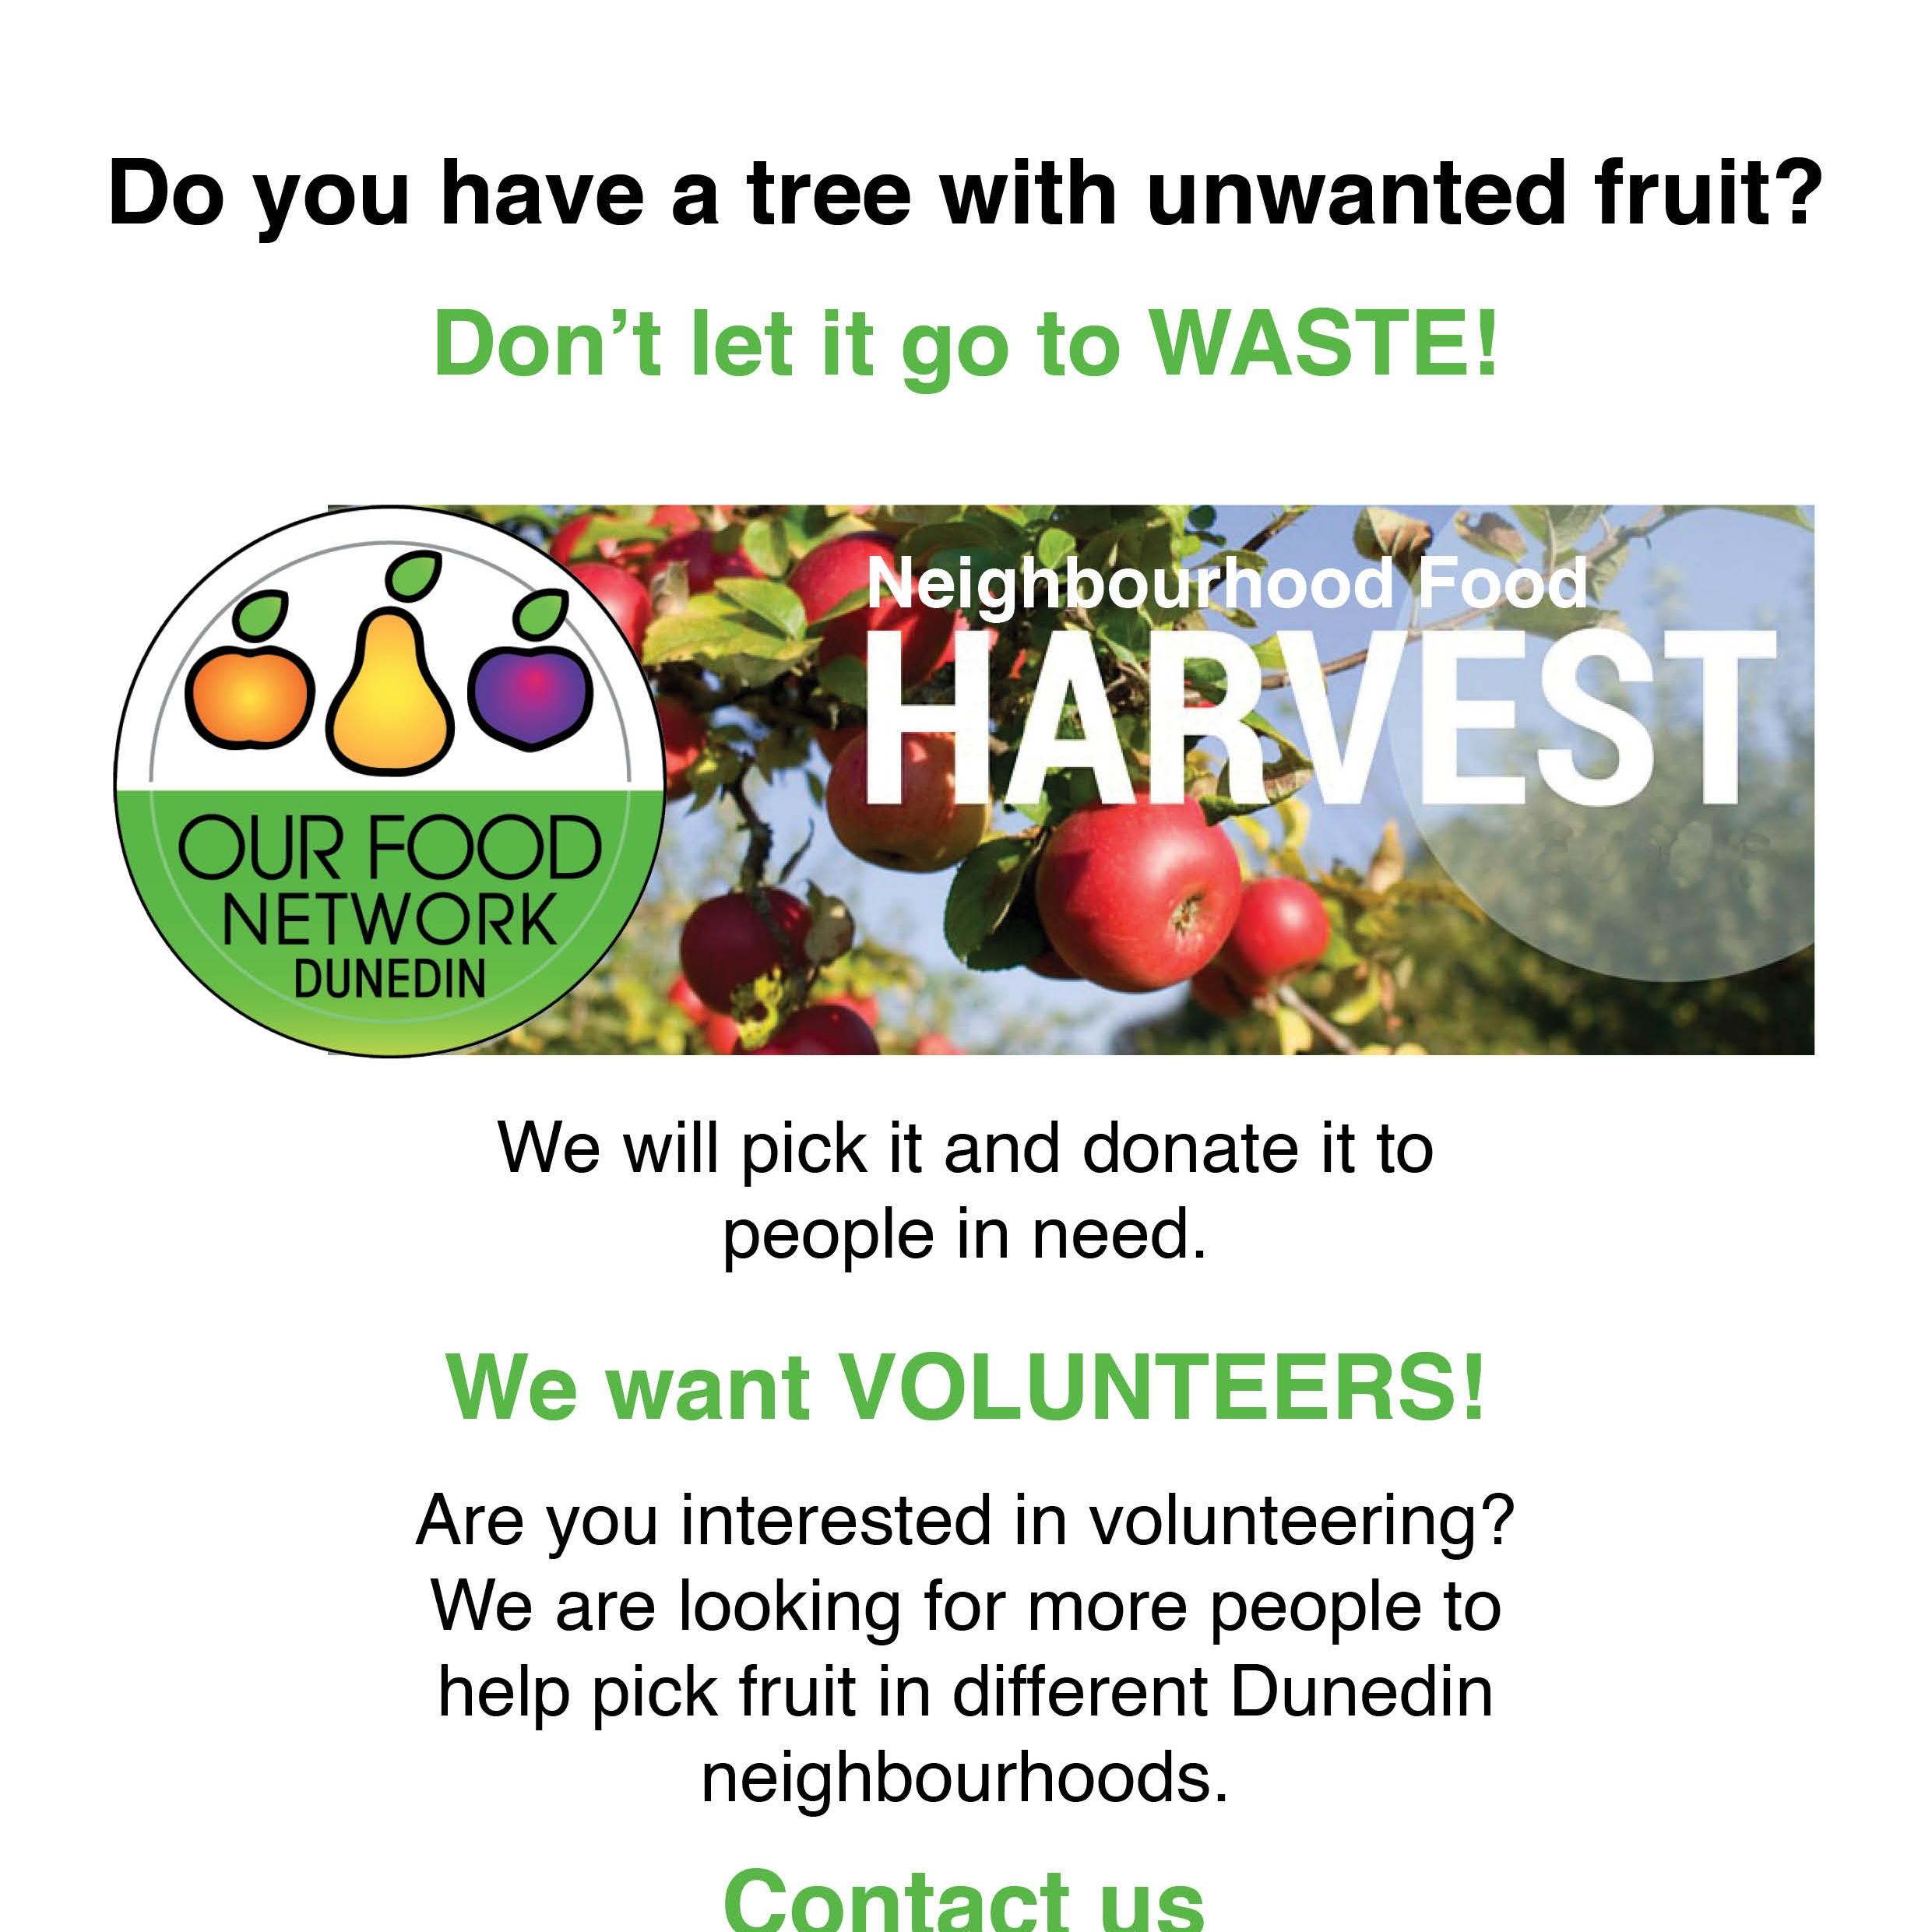 OFN Neighbourhood Food Harvest Leaflet.jpg